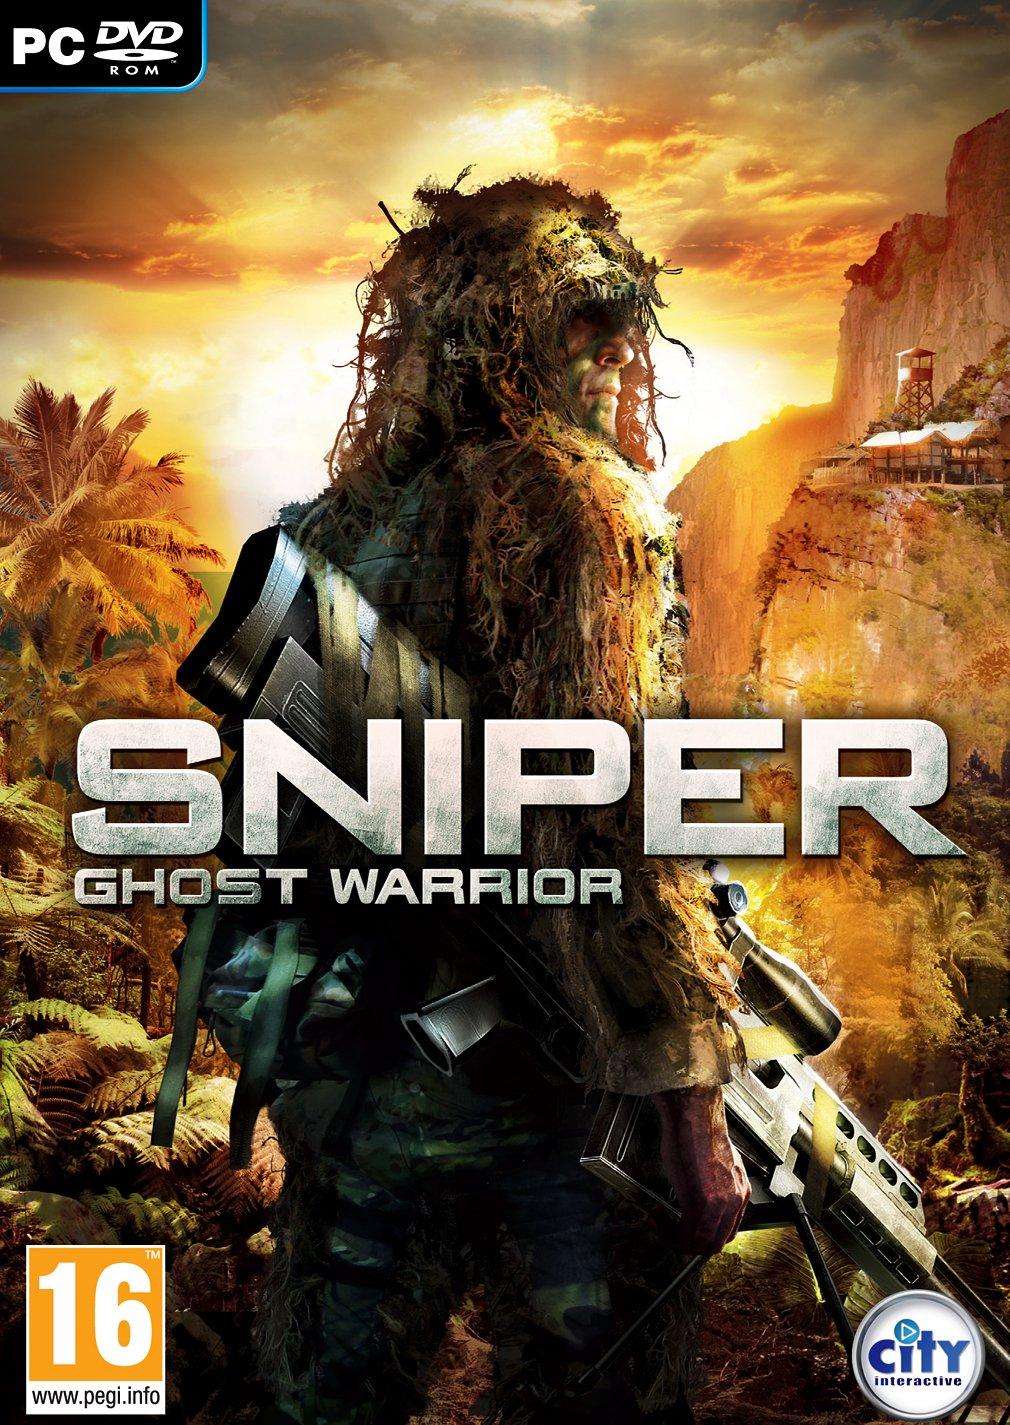 بازی Sniper Ghost Warrior 1 برای PC